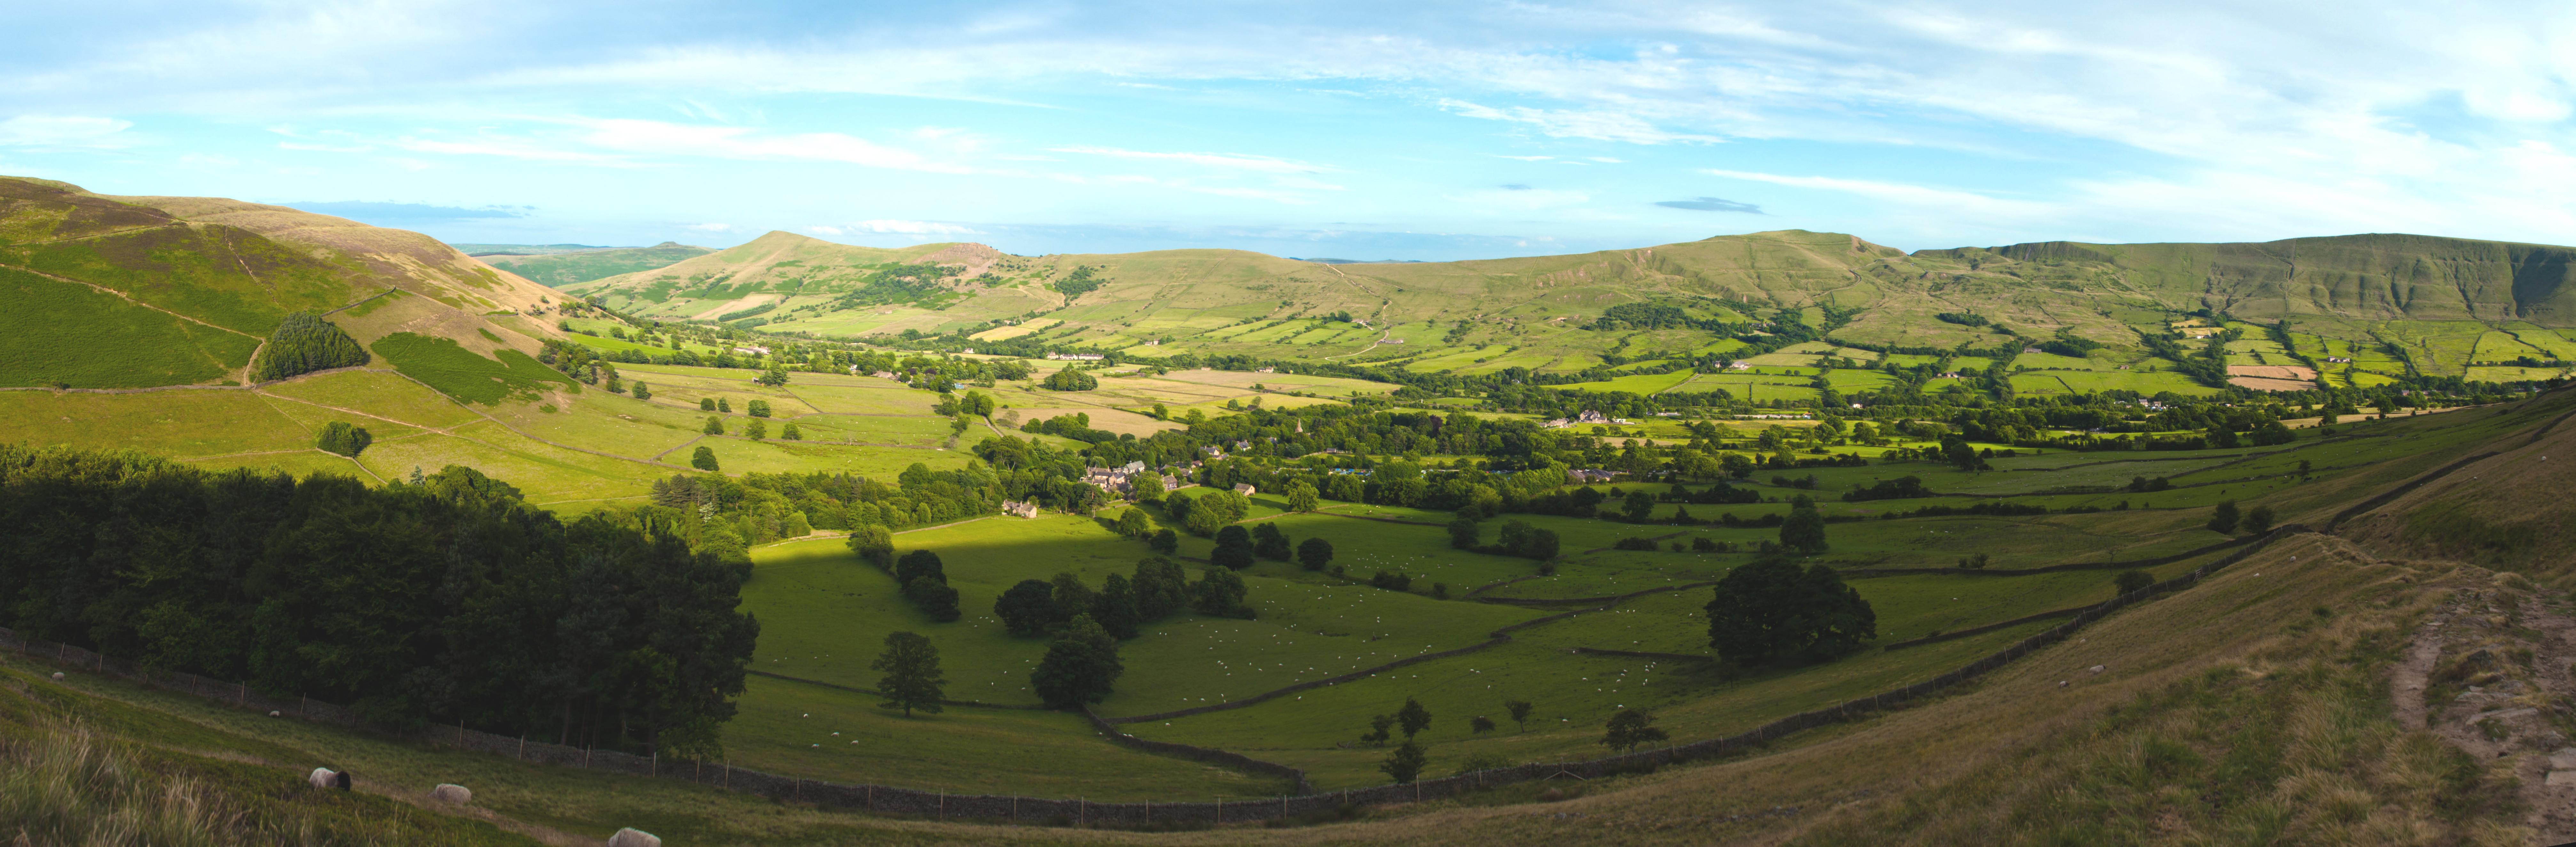 Edale Valley.JPG